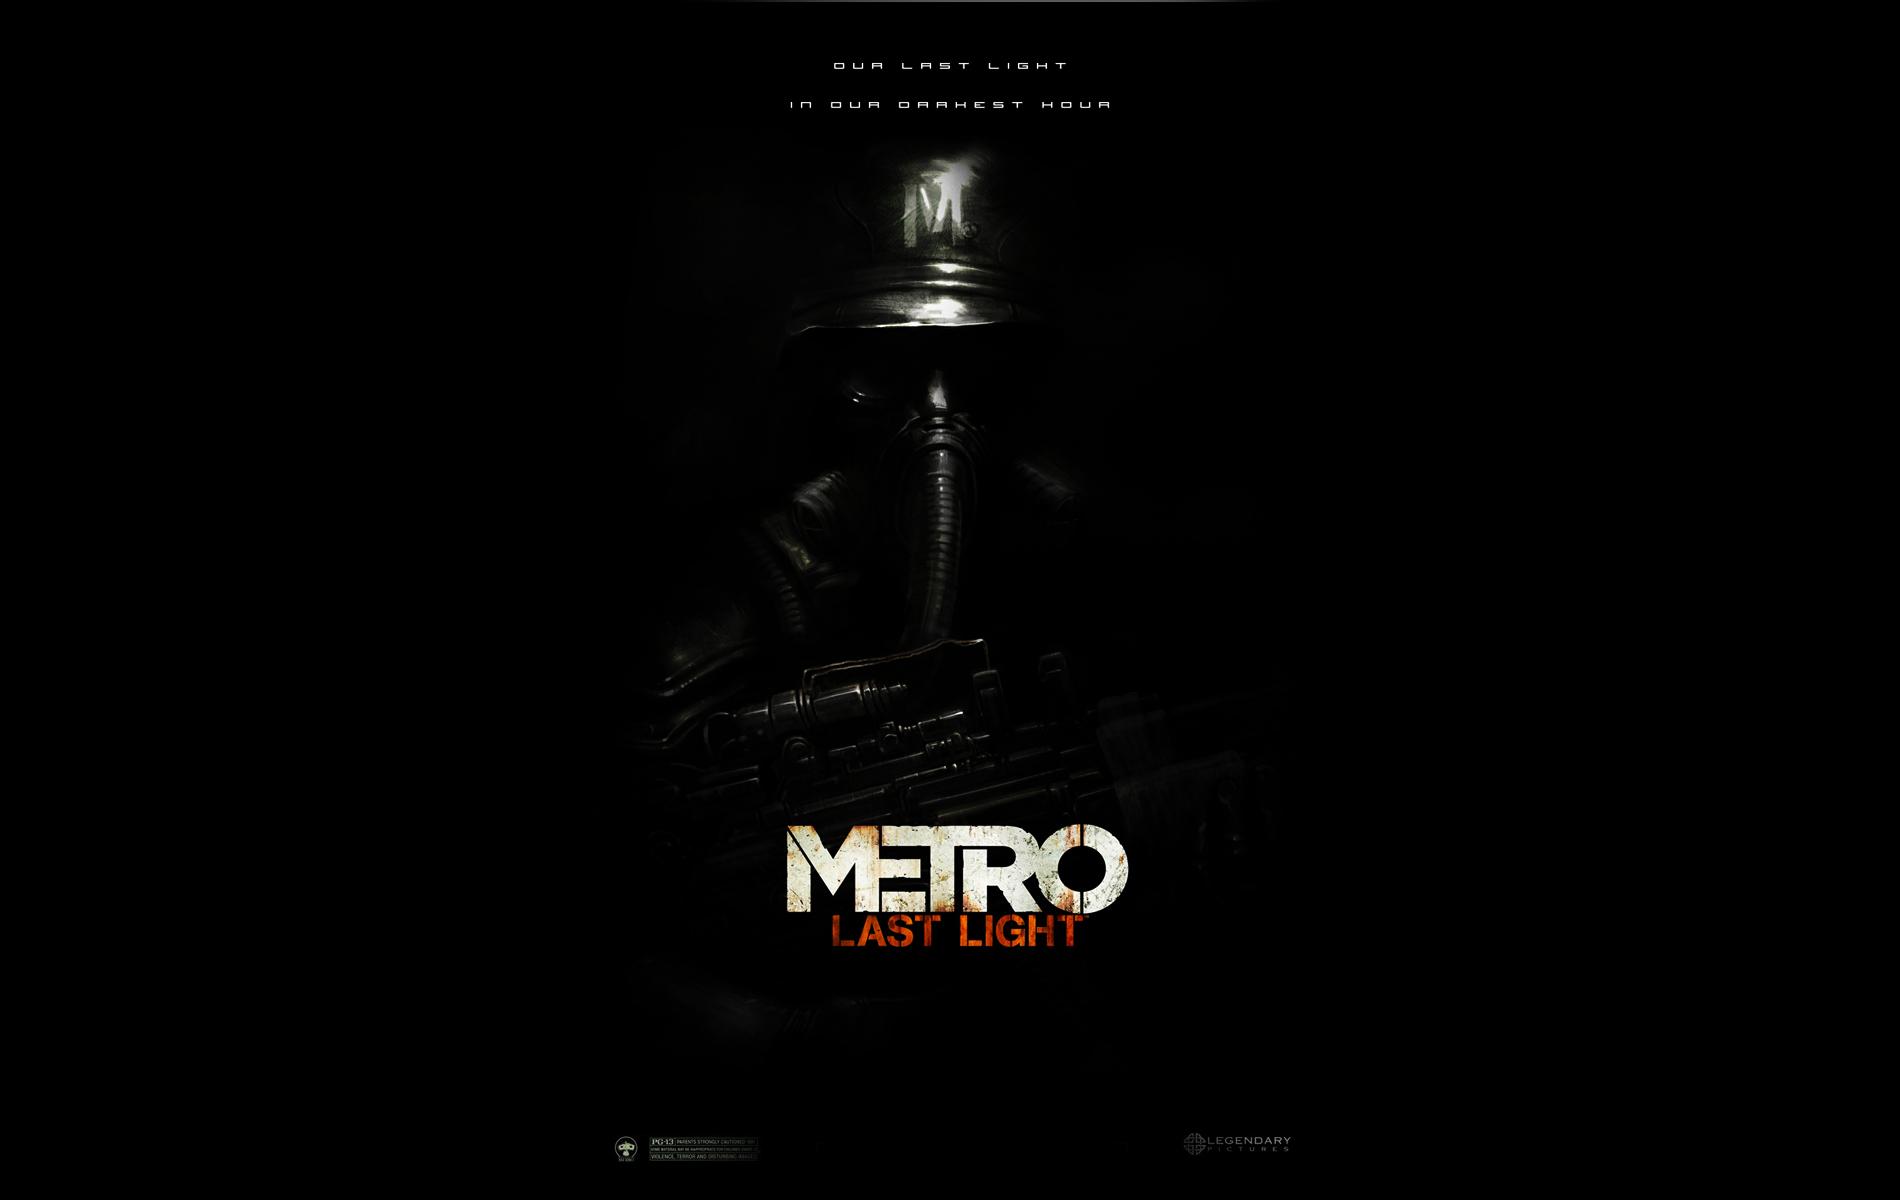 http://4.bp.blogspot.com/-W99WUMH3YPU/UOARIdAK4HI/AAAAAAAAG2k/D9FgoCNt2ds/s2000/Metro-Last-Light-Game-HD-Wallpaper_Vvallpaper.Net.jpg